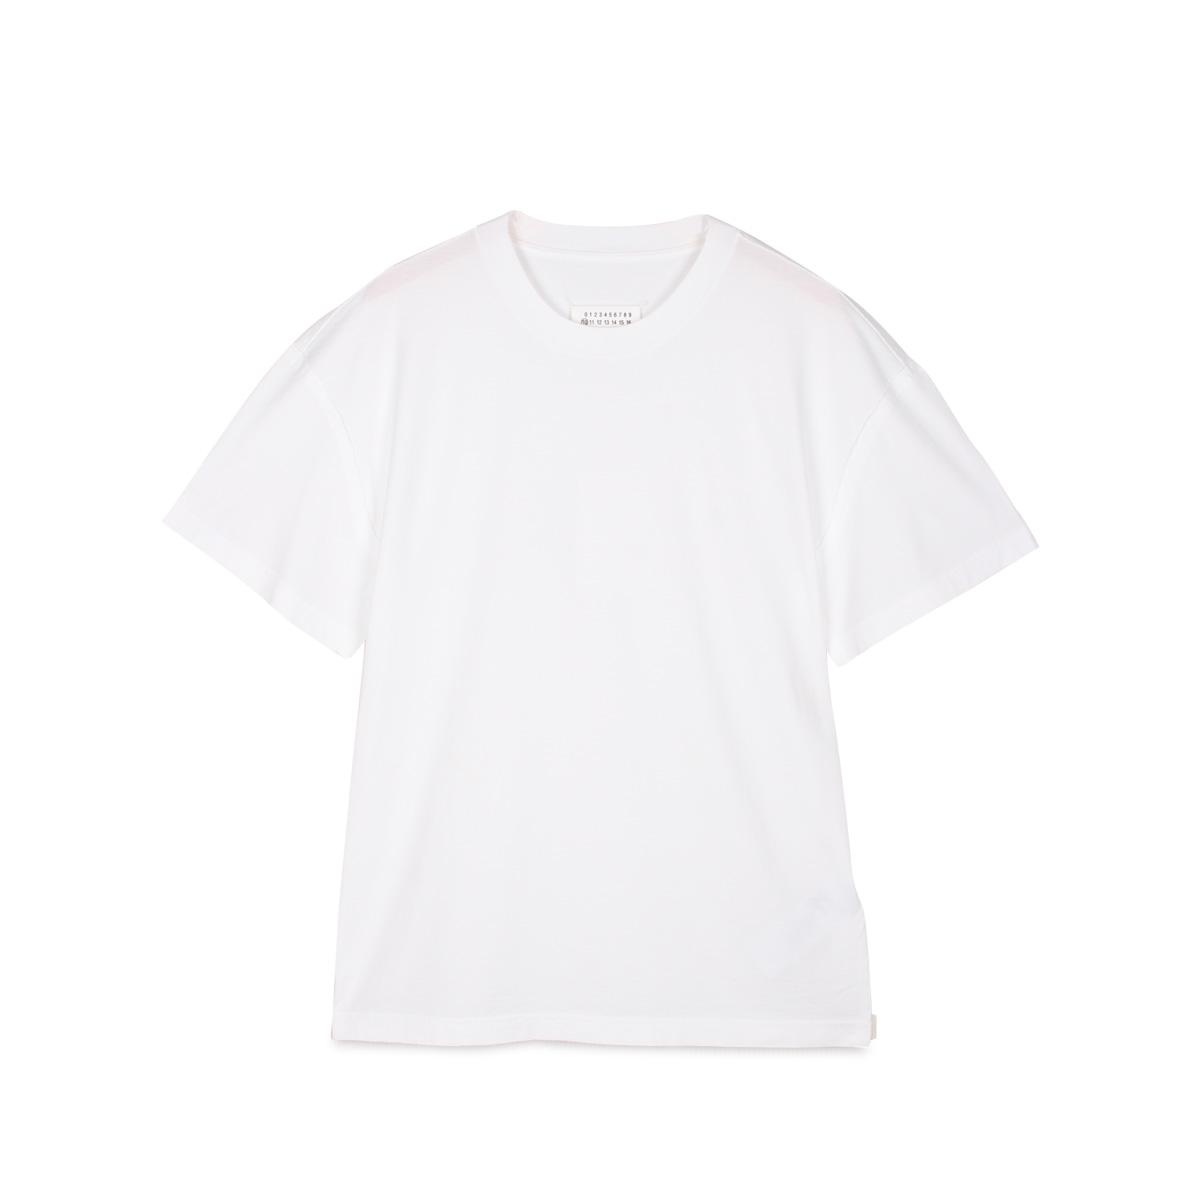 MAISON MARGIELA T SHIRT メゾンマルジェラ Tシャツ 半袖 メンズ ブラック 黒 S50GC0600-100 [3/4 新入荷]